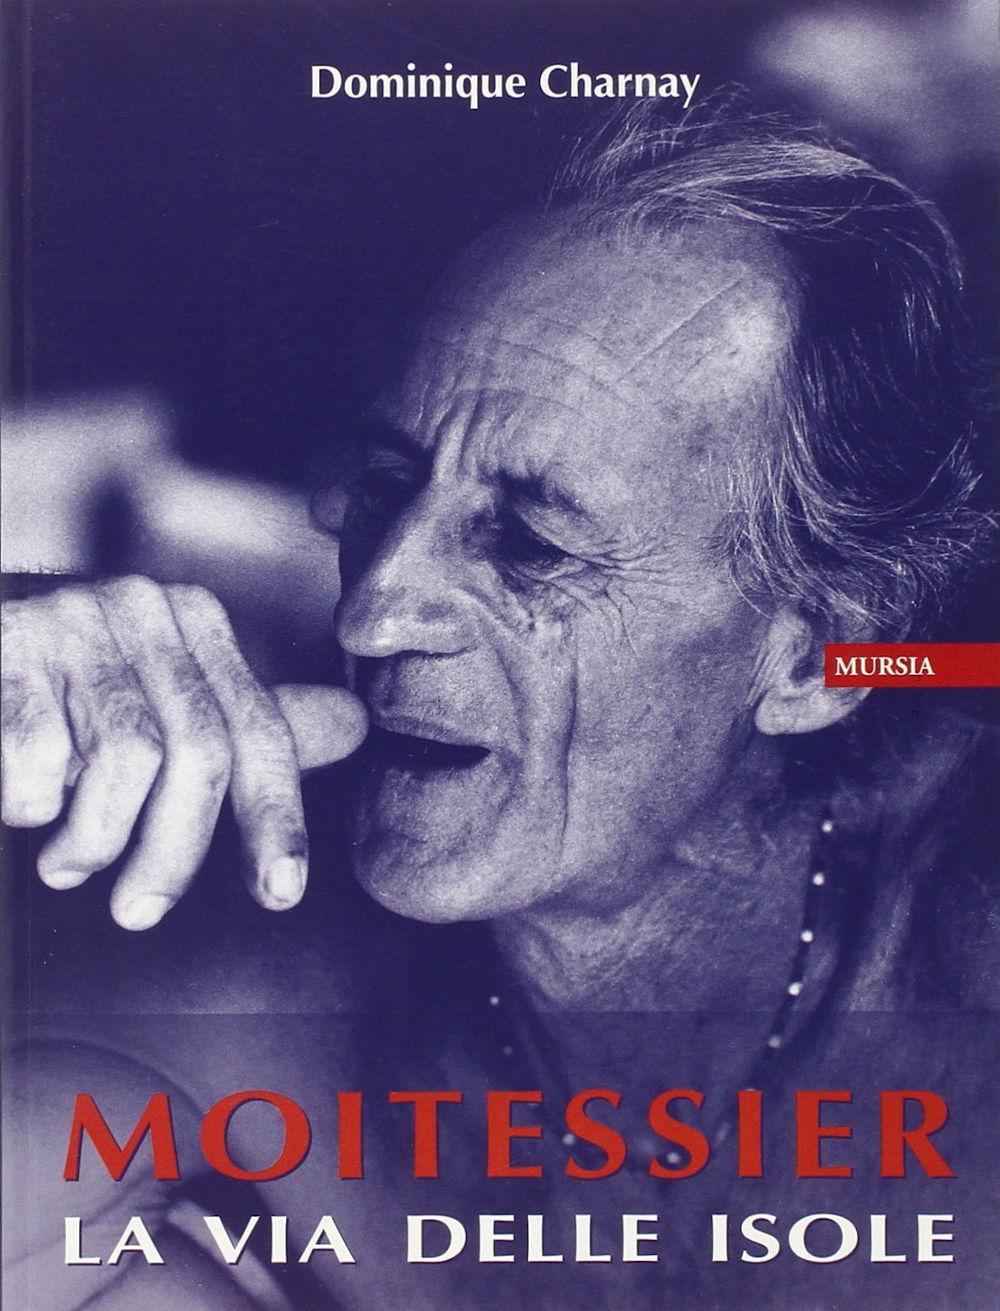 Dominique Charnay - Moitessier la via delle isole